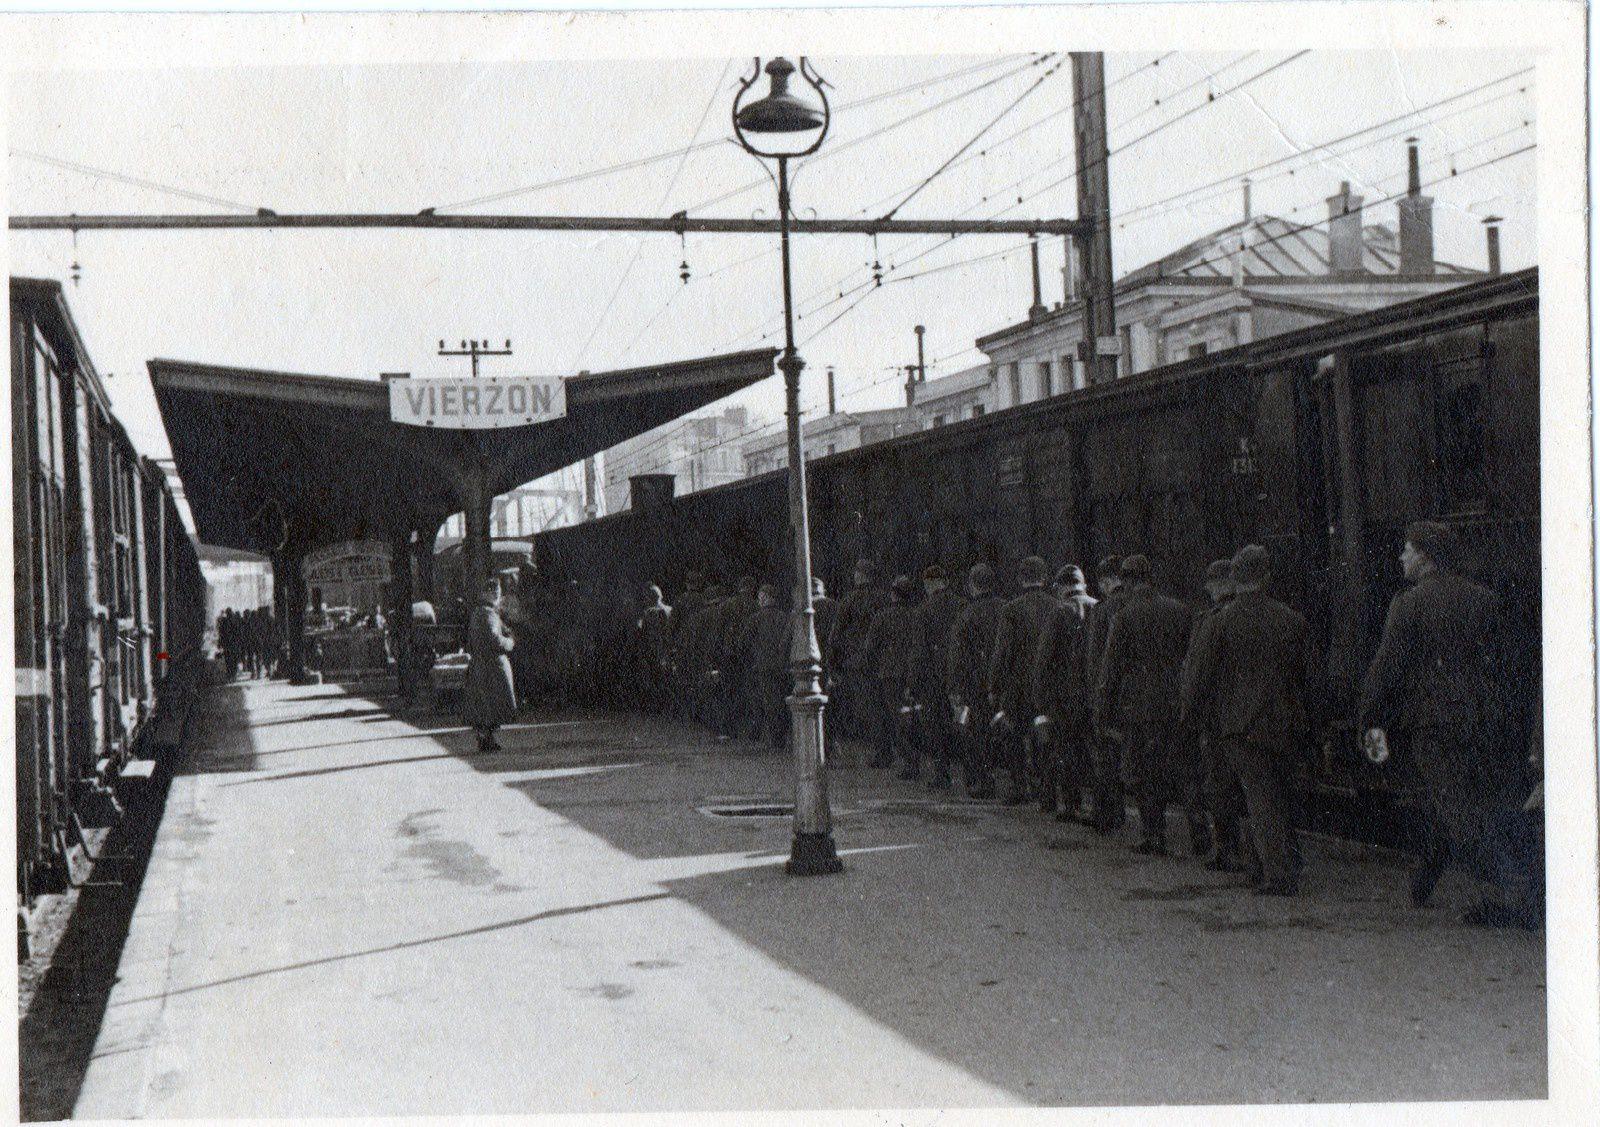 Les archives d'un Vierzonnais montrent des photos inédites pendant la seconde guerre mondiale